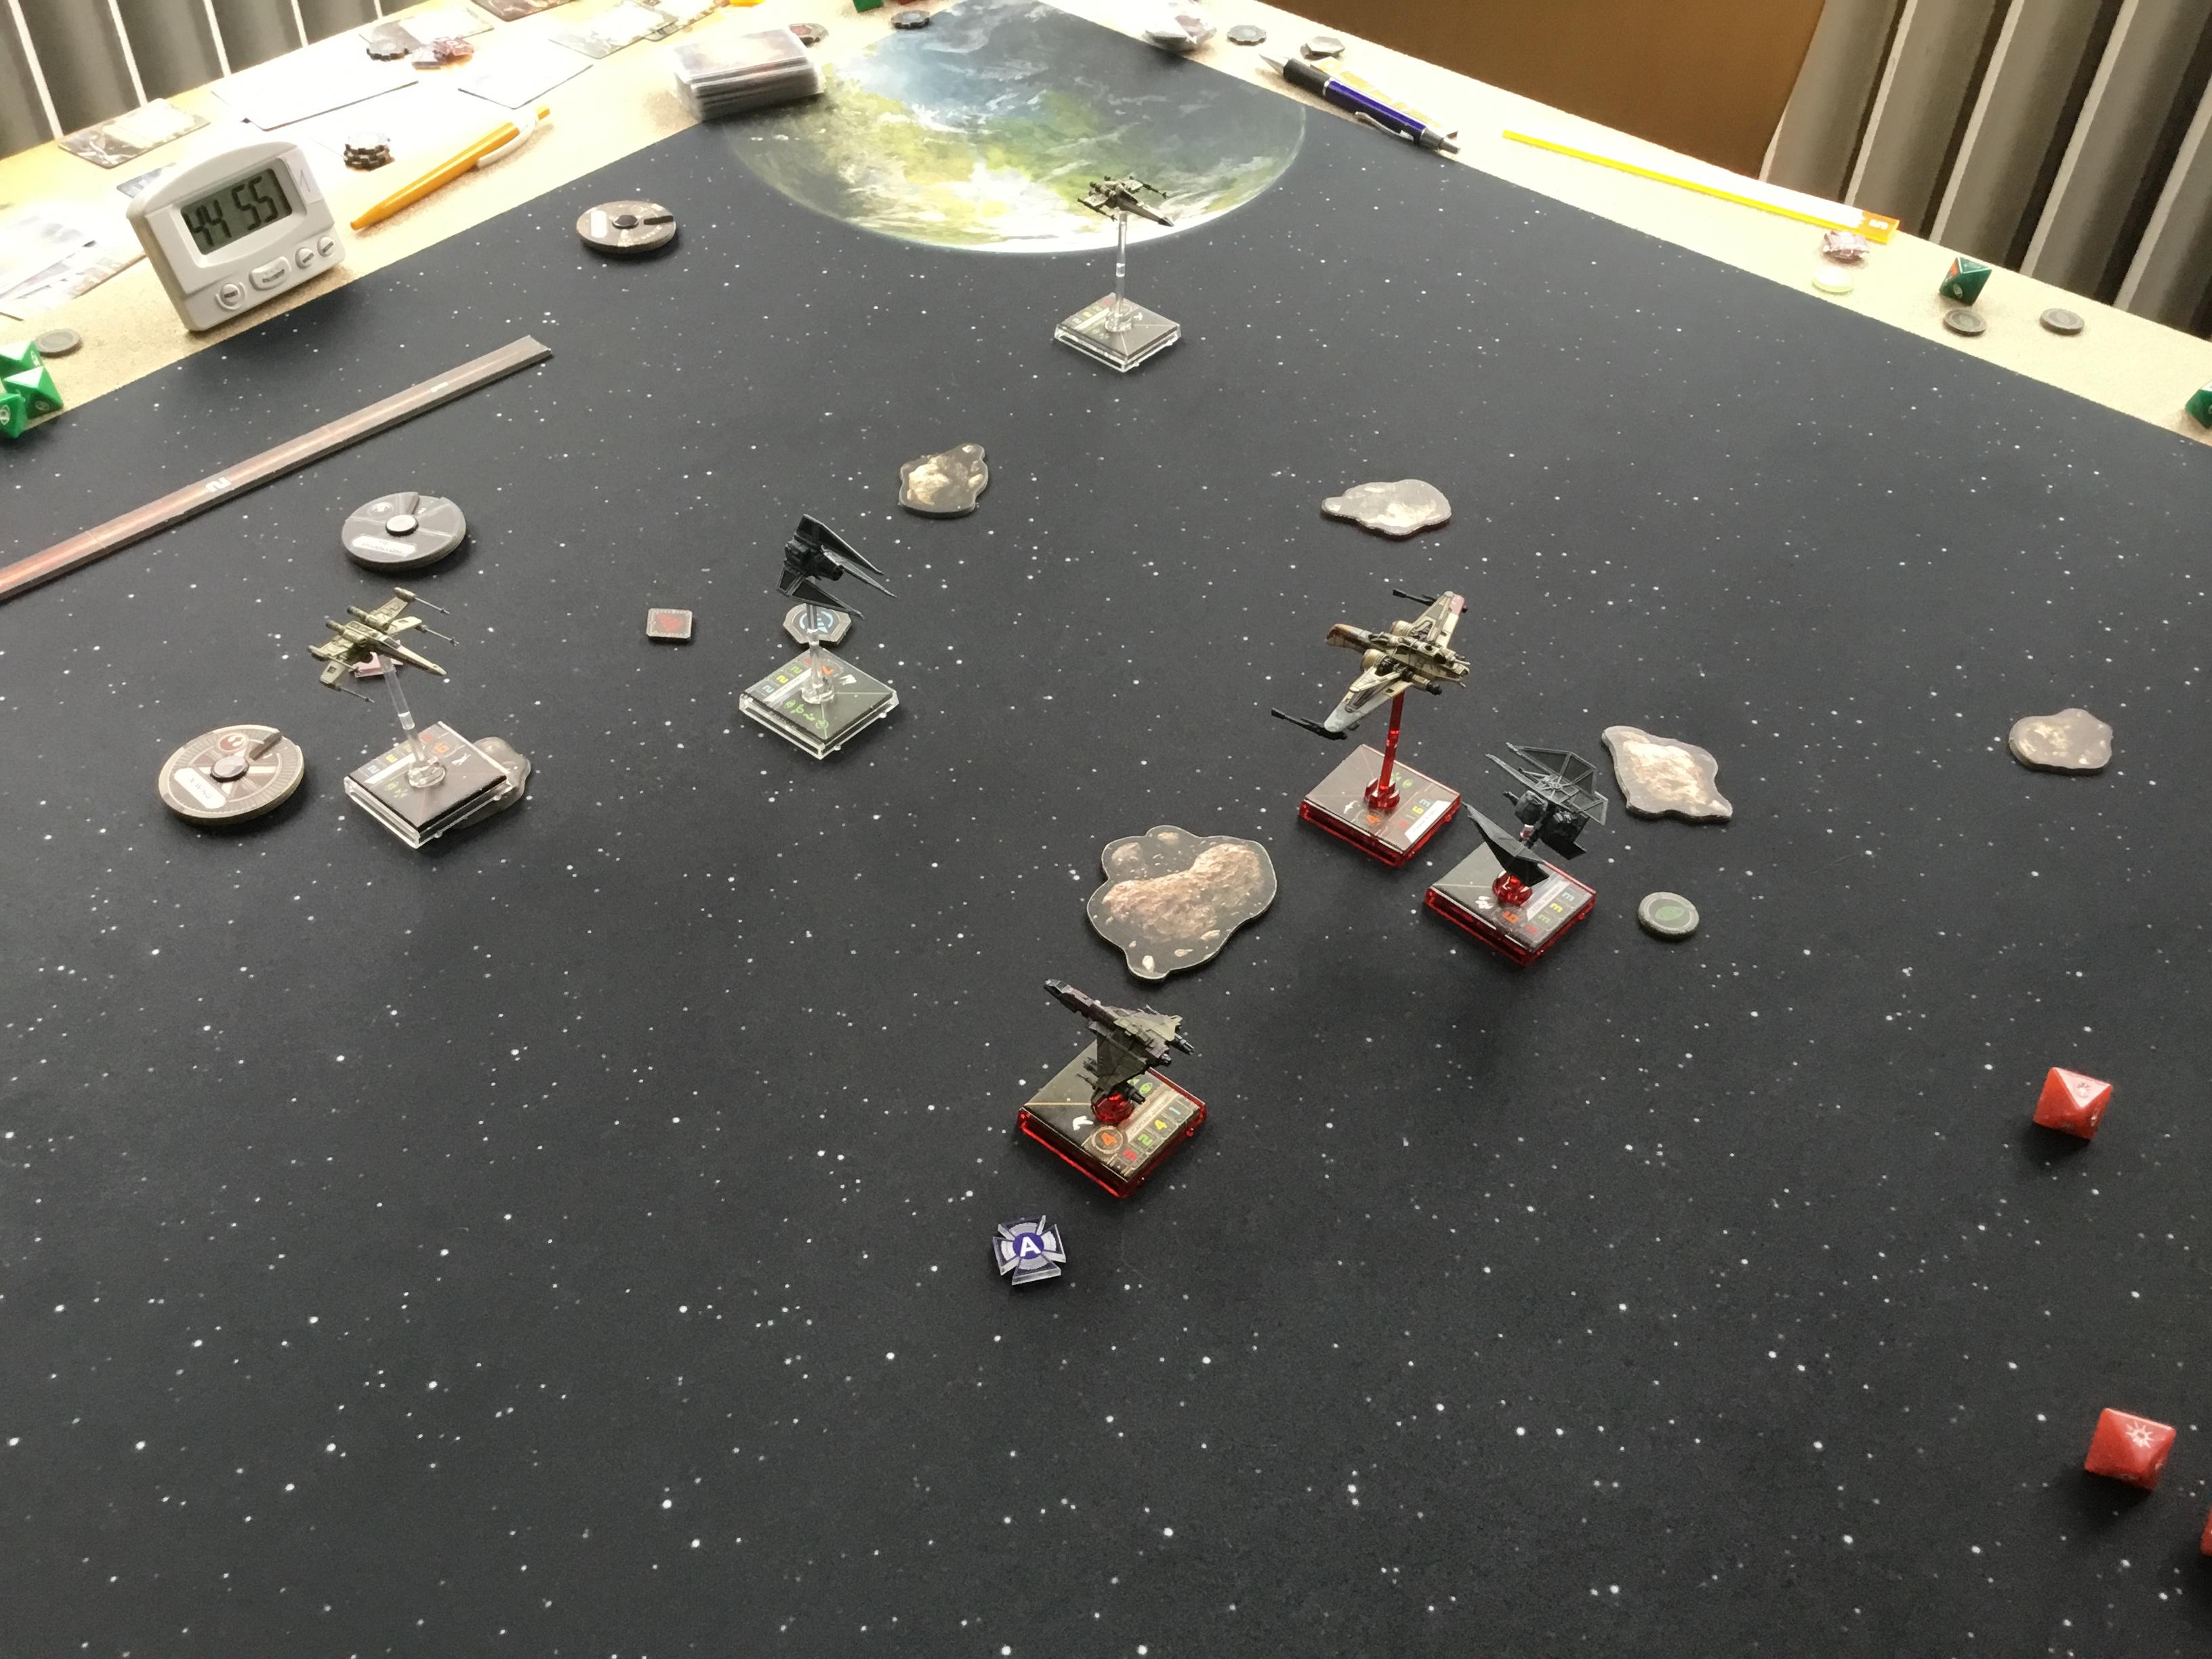 [10.06.18 Hamburg] Chaos over Barmbek II. 38e5ef10